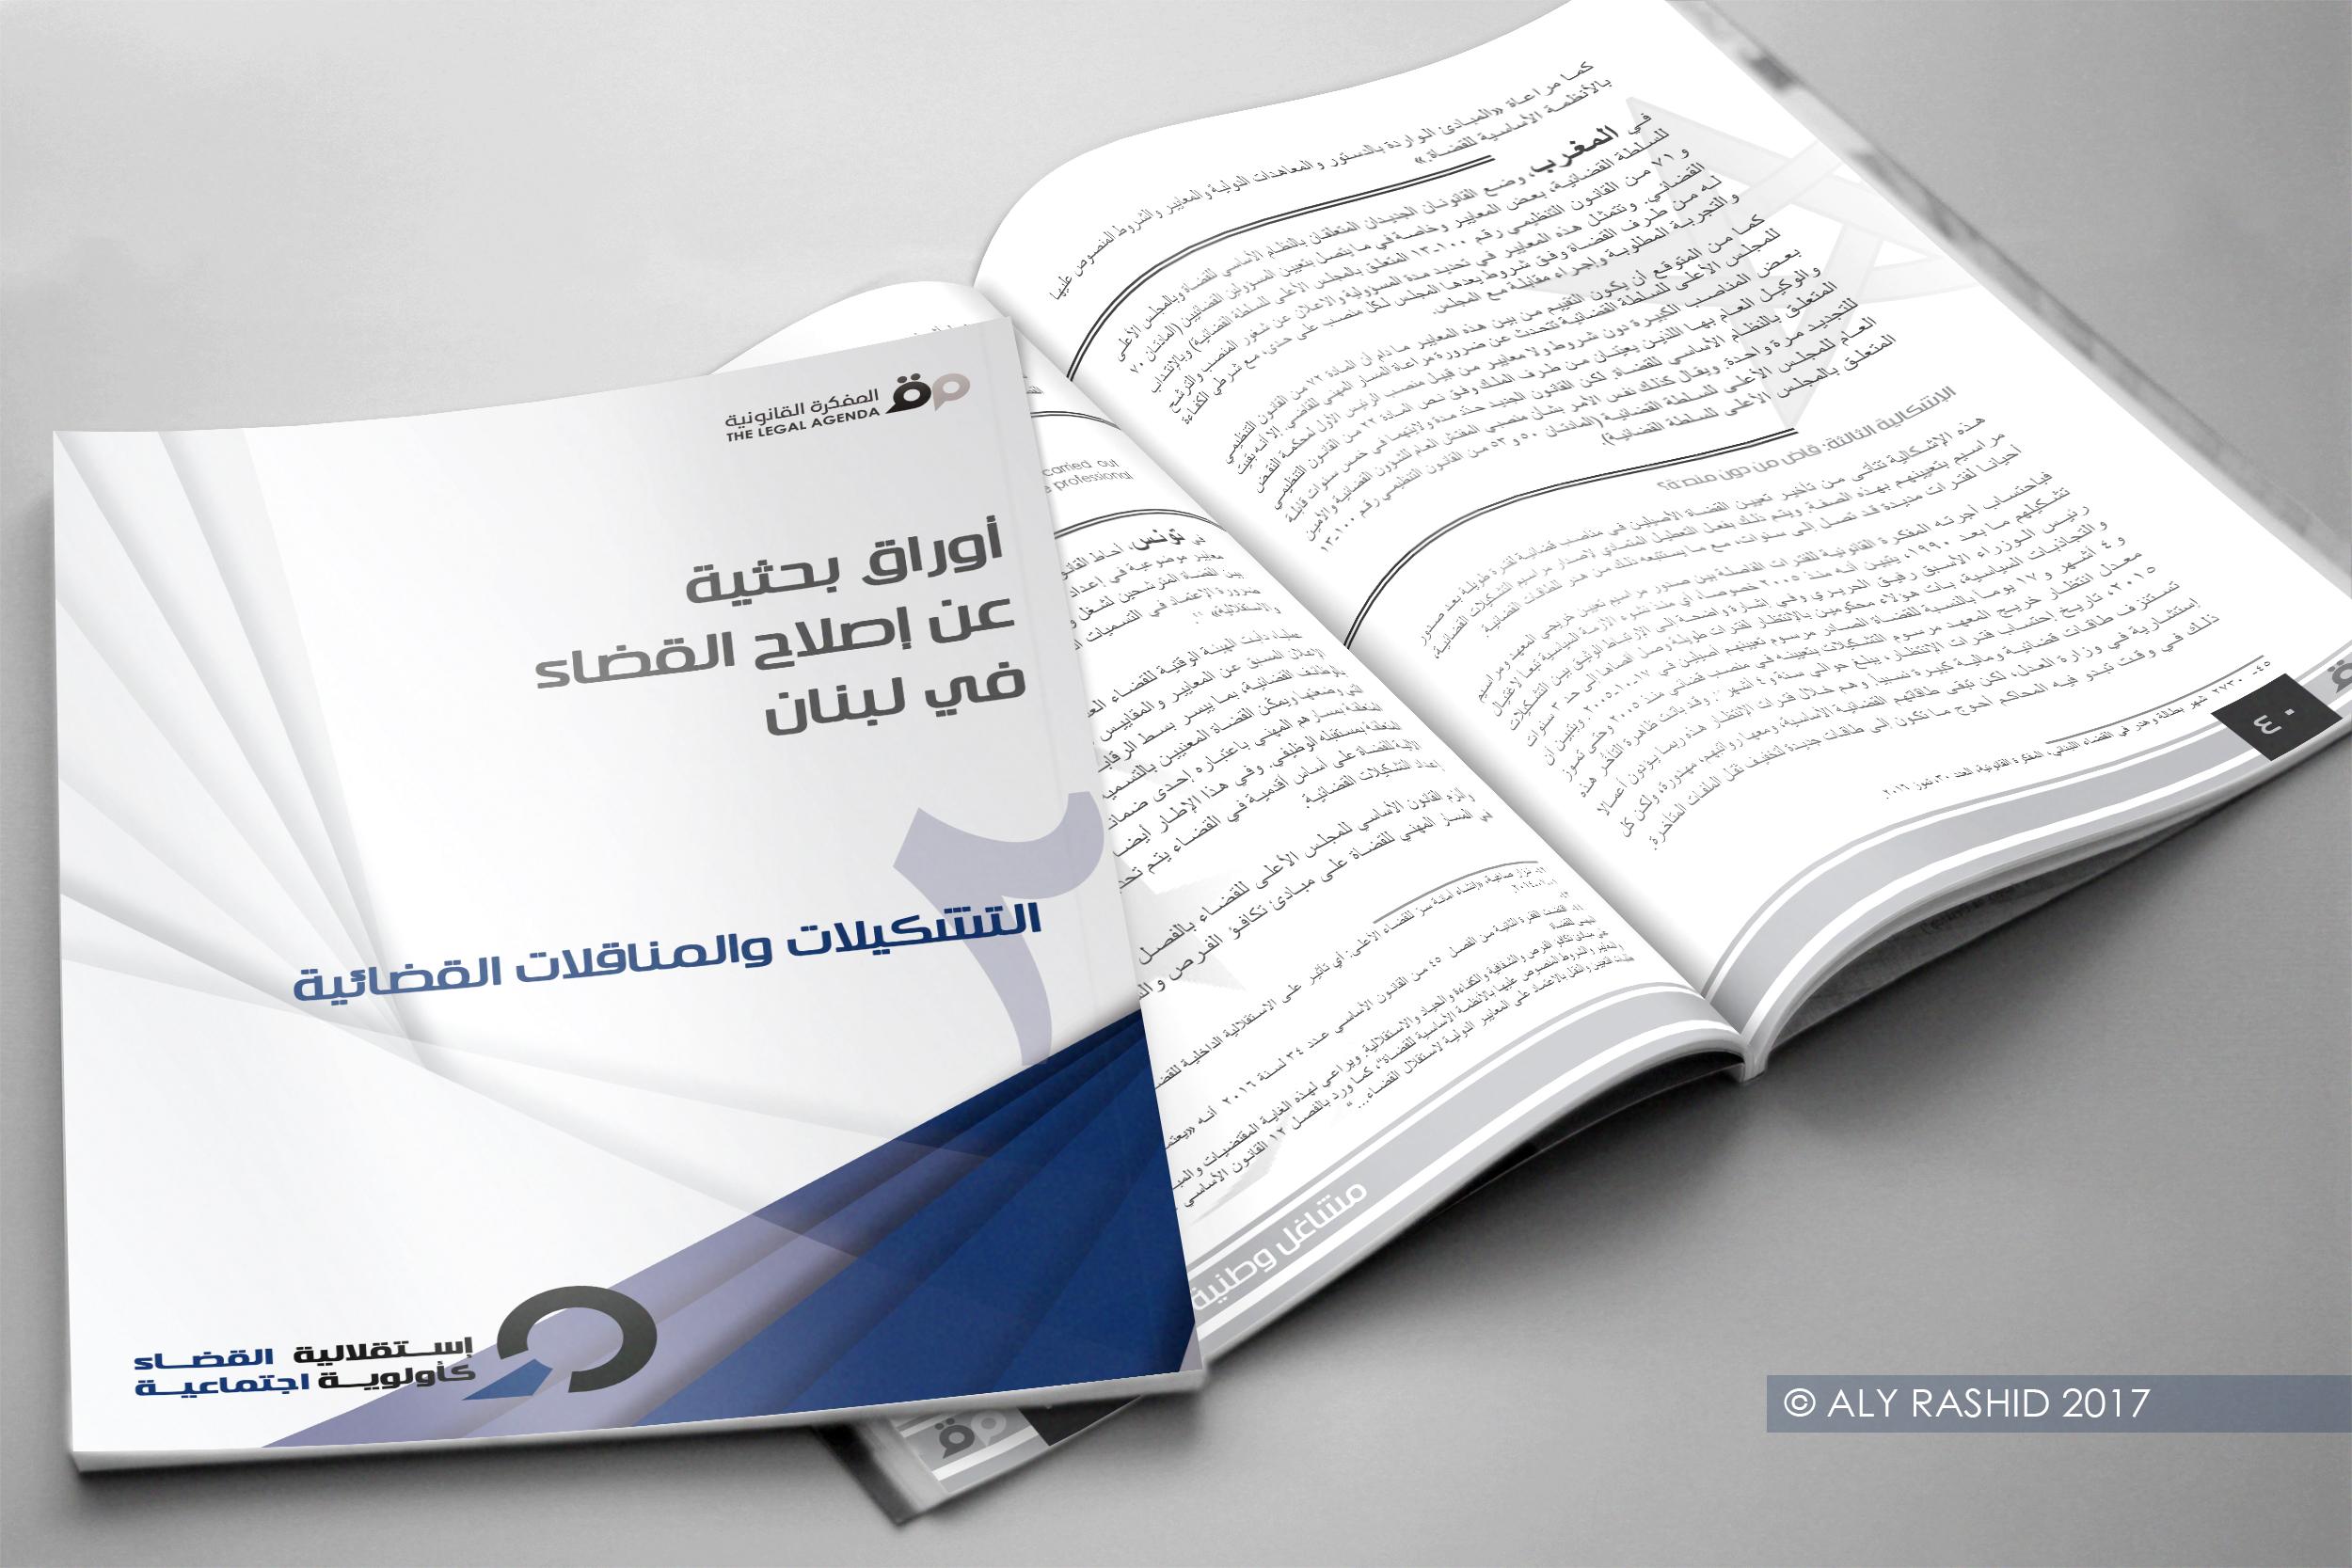 المفكرة تنشر ورقتها البحثية ال 2 حول إصلاح القضاء في لبنان: التشكيلات والمناقلات القضائية